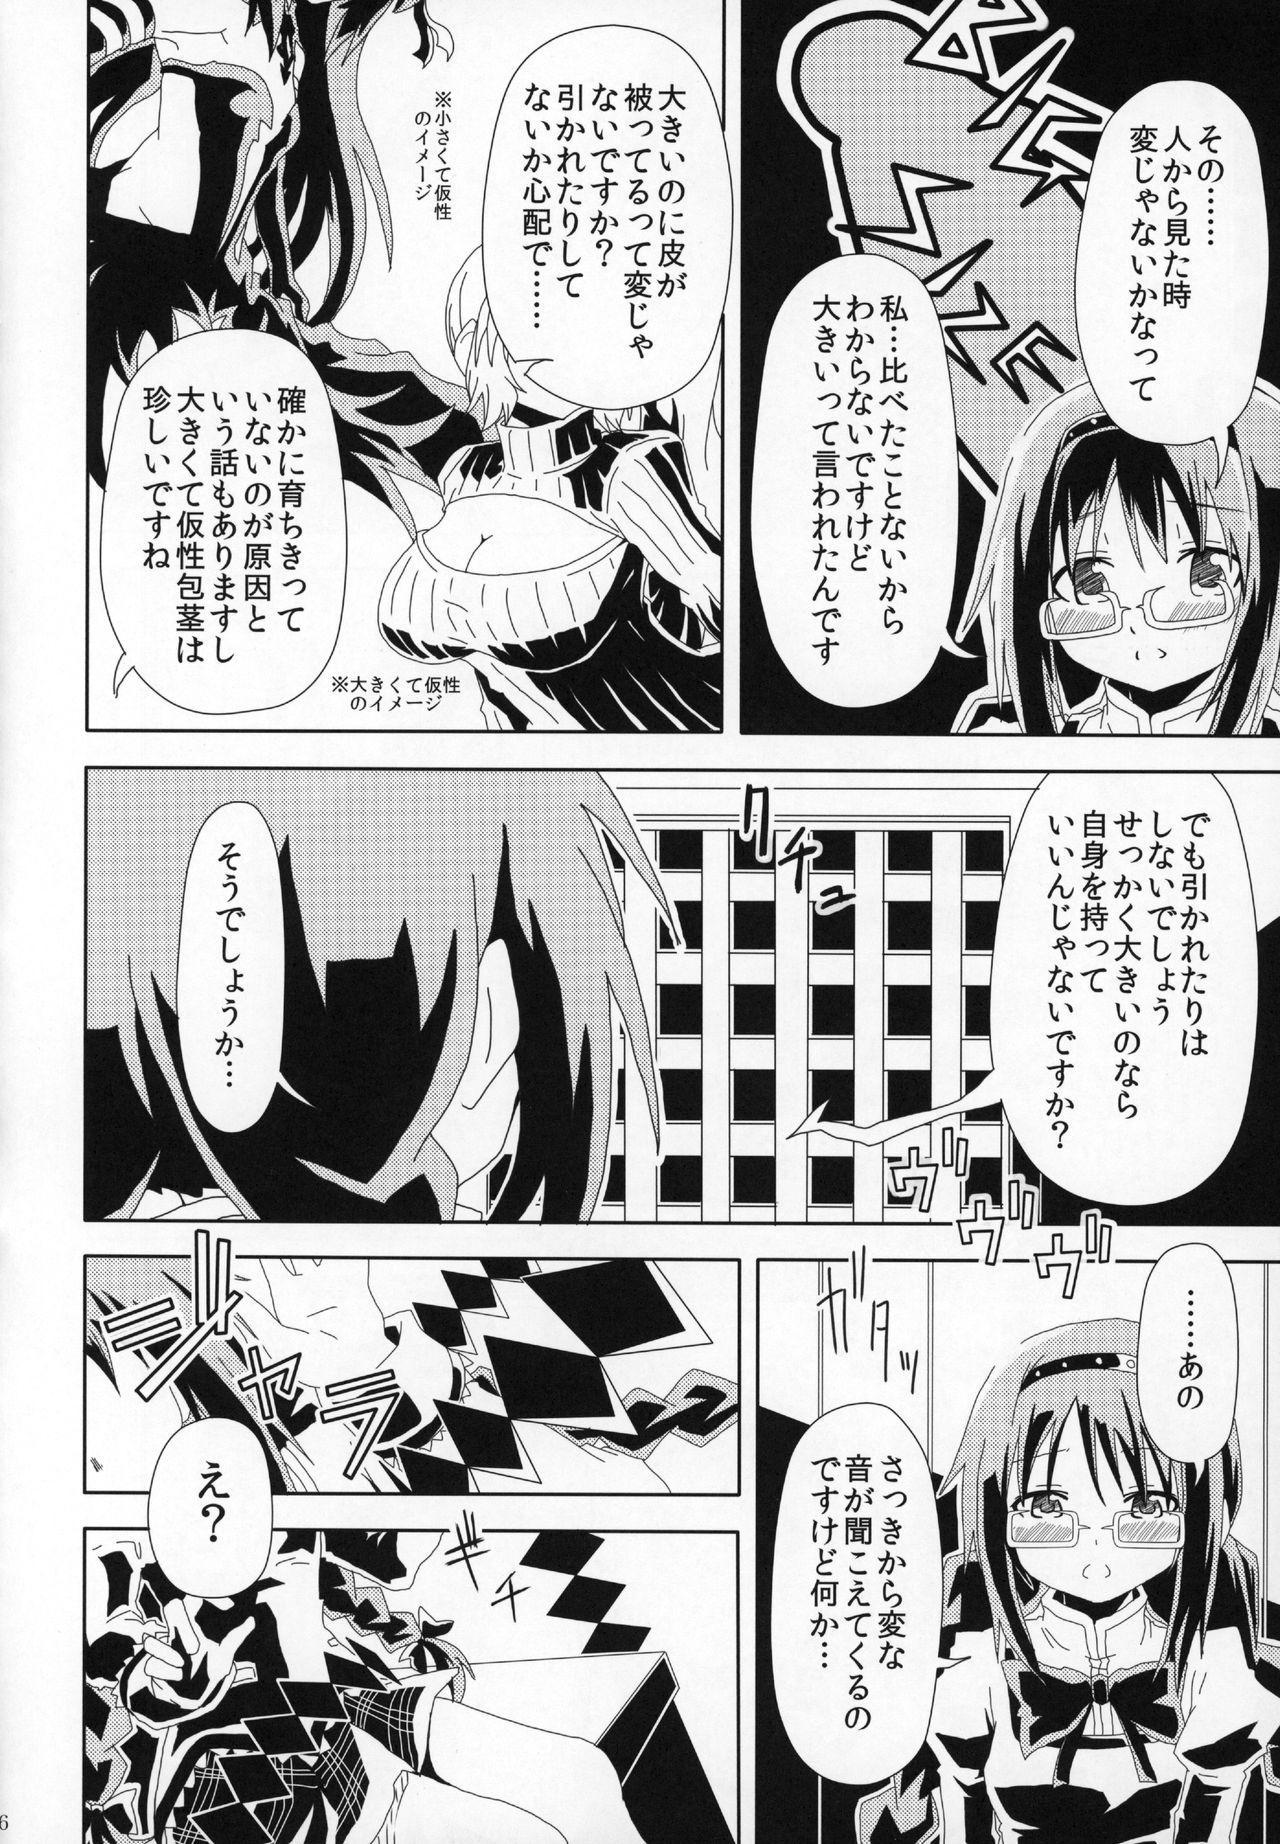 Futanari Chinko ni Onayami no Aru Mahou Shoujo Goudoushi Sono Emono, Mondai Ari desu 44